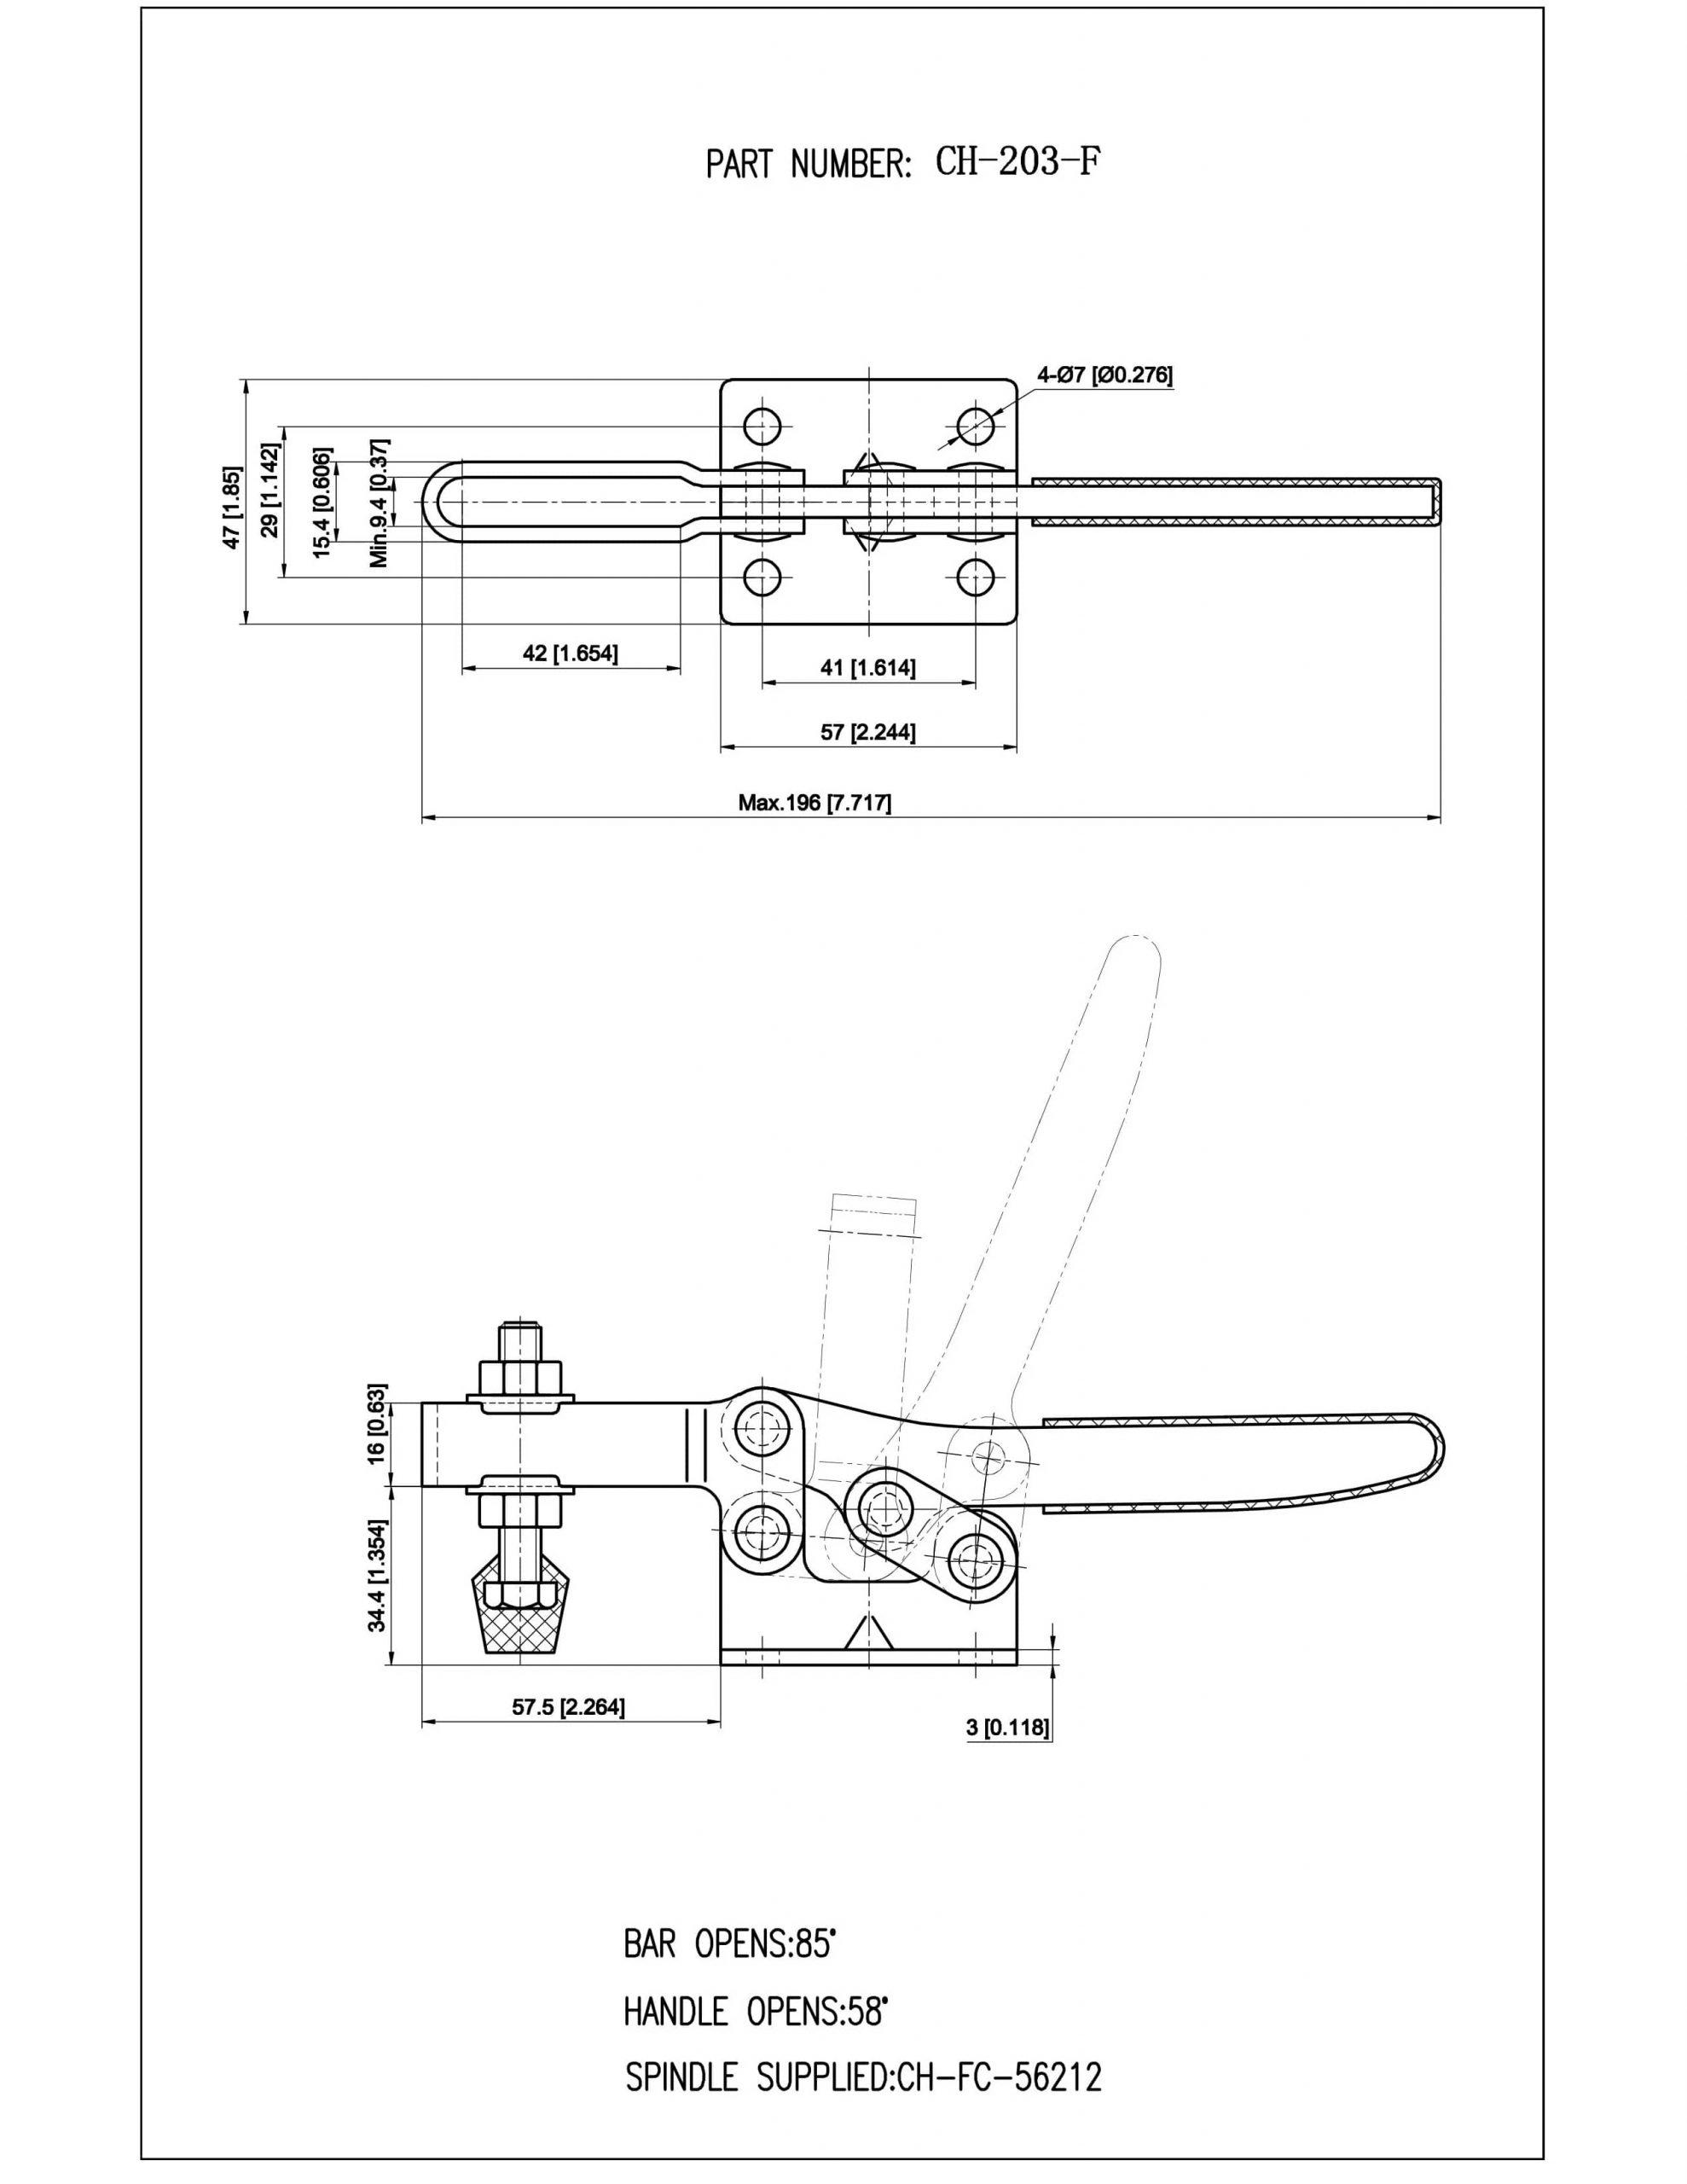 کاتالوگ کلمپ دسته افقی CH-203-F clamptek